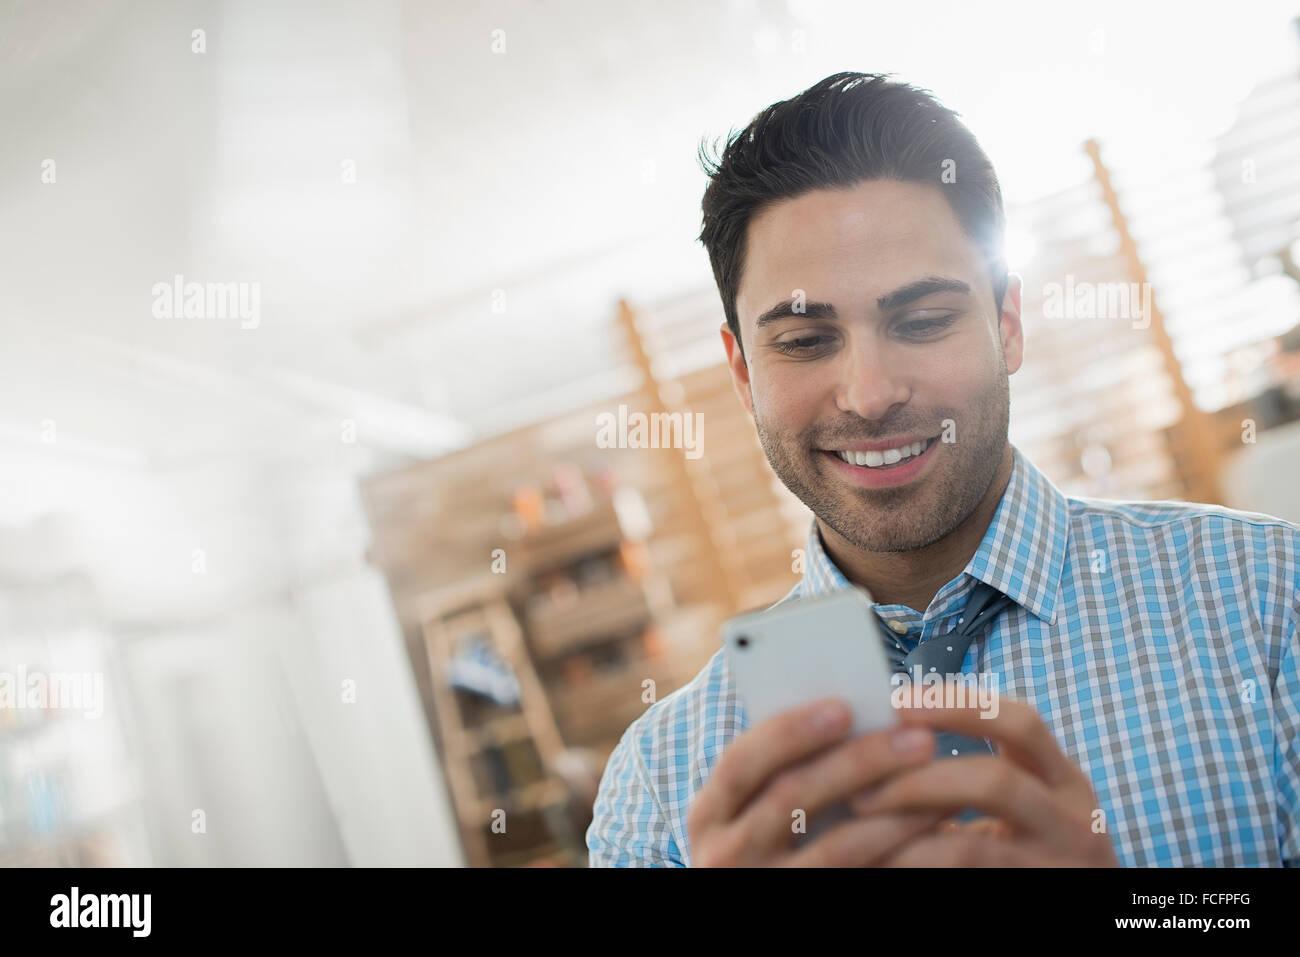 Un hombre controlar su teléfono inteligente. Imagen De Stock